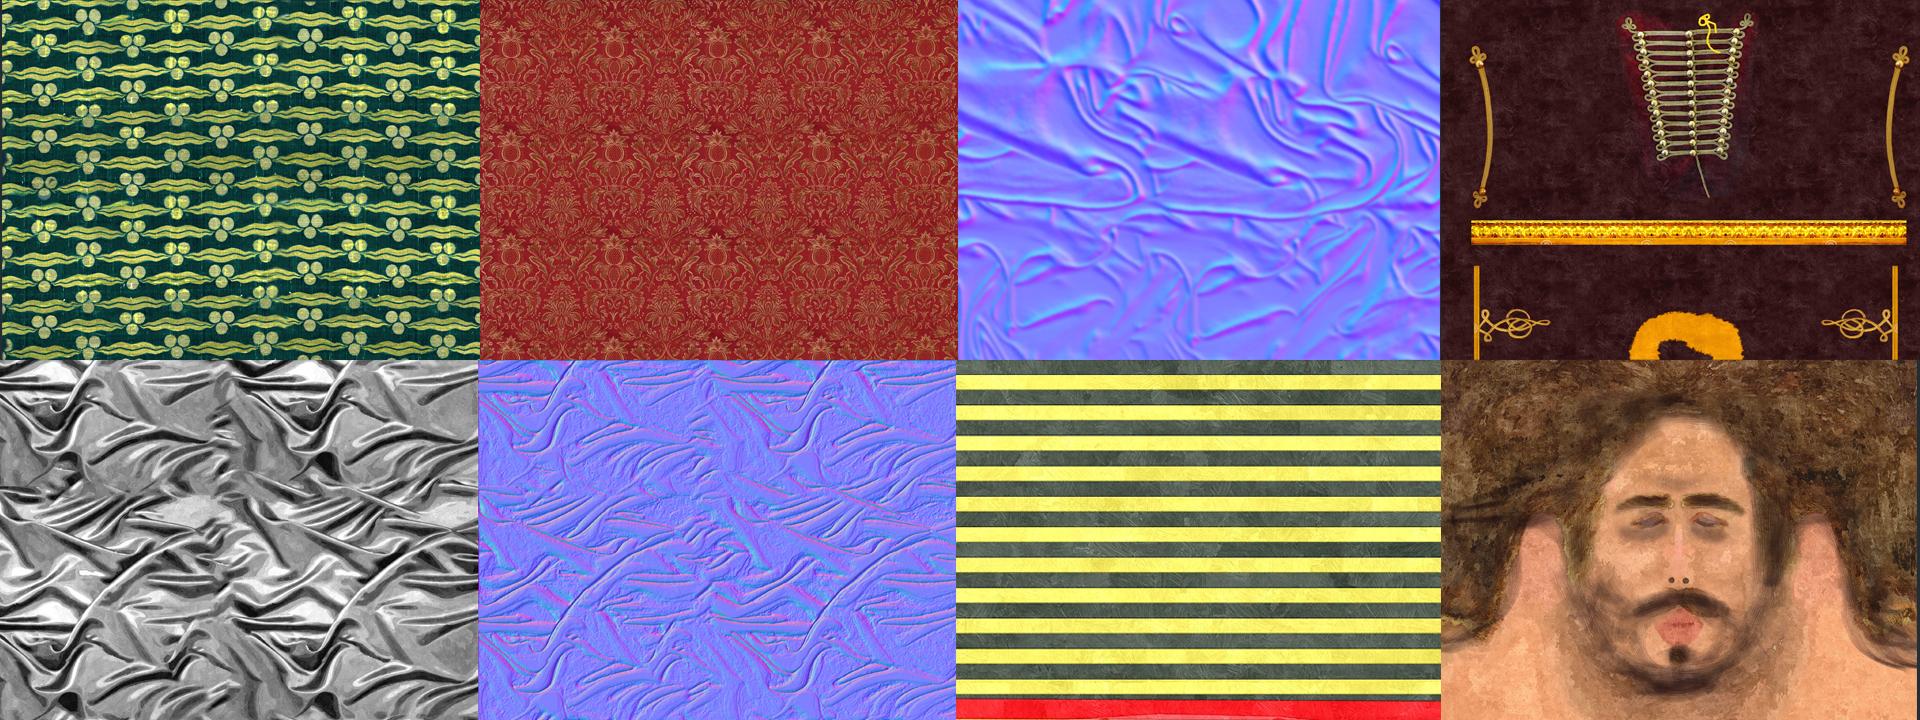 zrinyi_ekho_textures.jpg